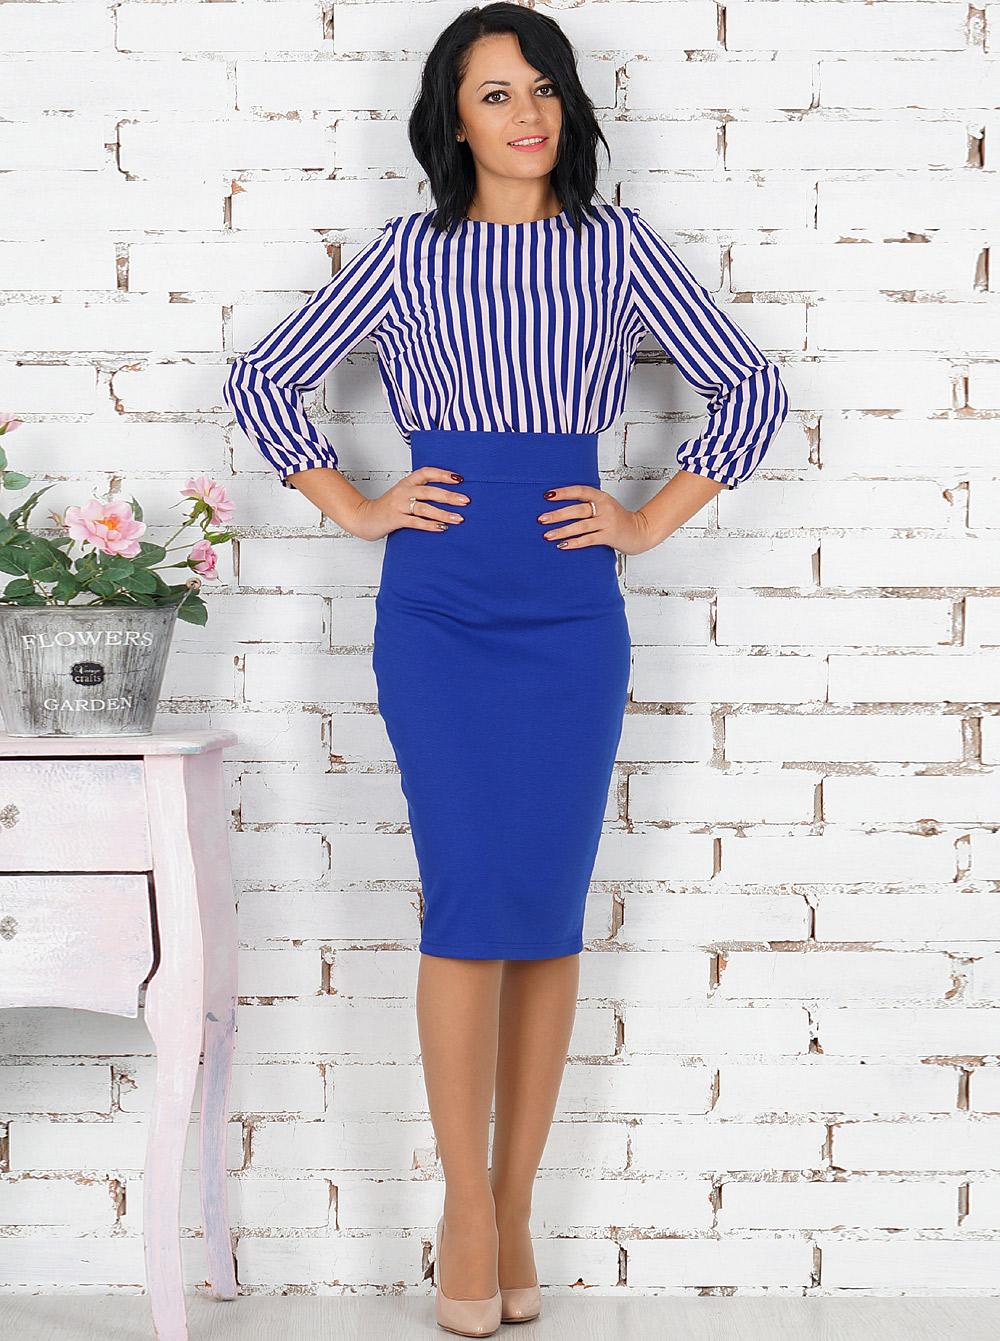 a12f4e0044d Интернет-магазин Эгерия → Женская одежда → Блузы → Повседневные блузки →  Блуза АР-1500 Ajour